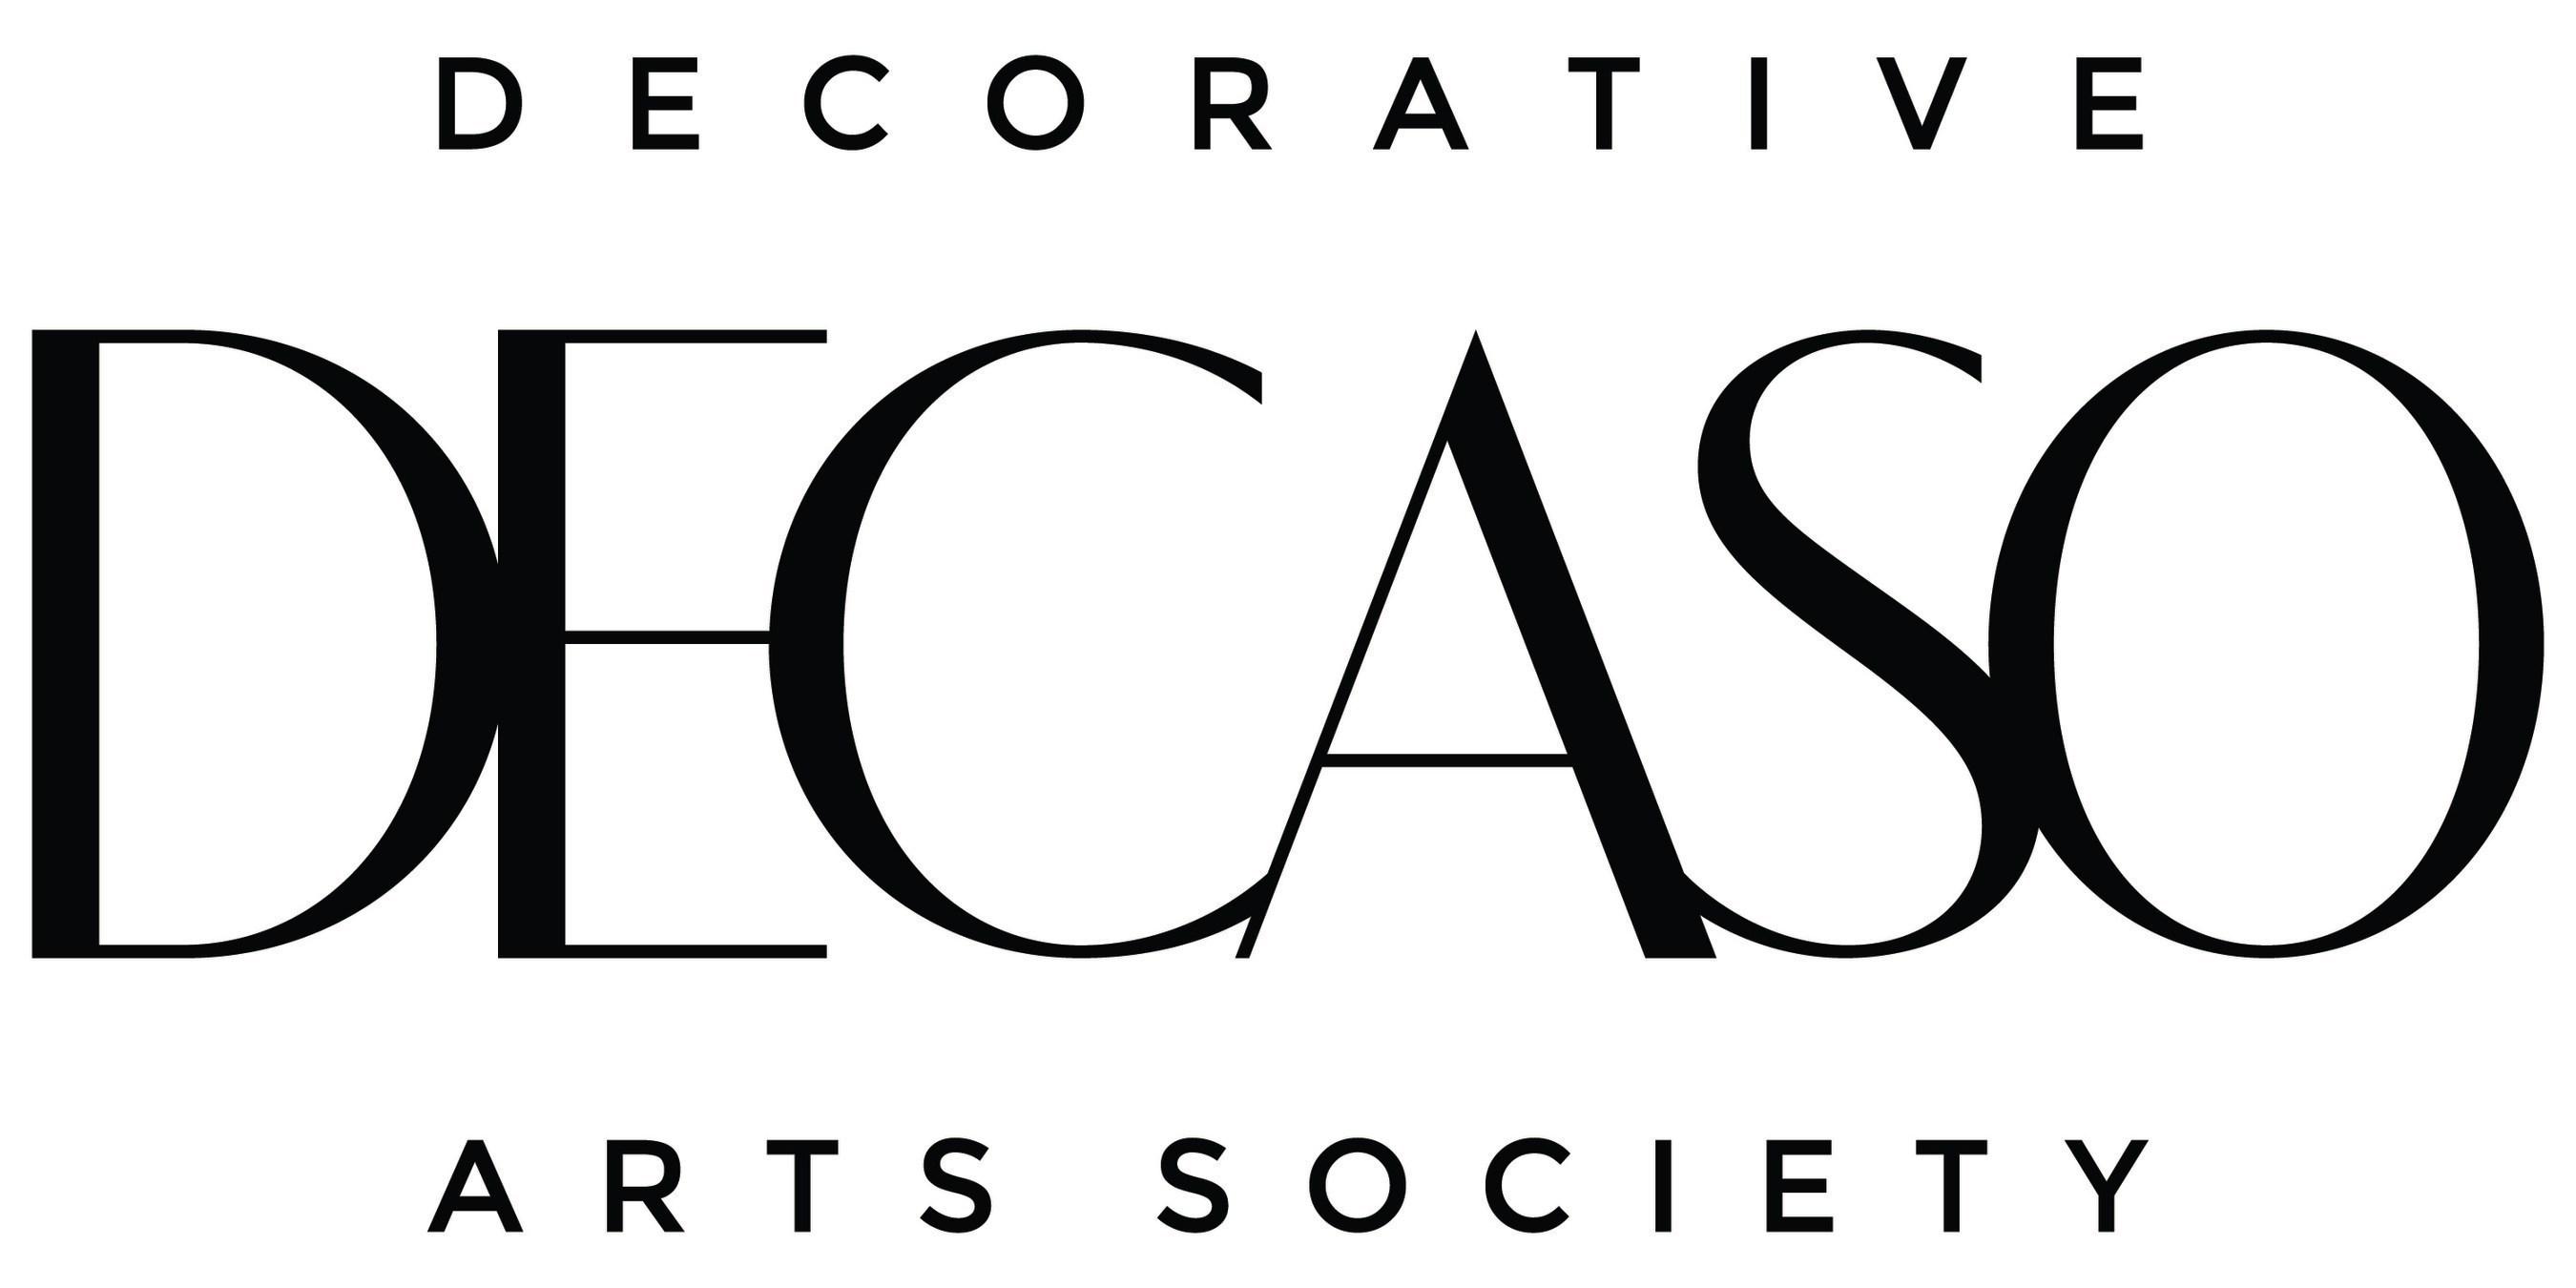 DECASO, Decorative Arts Society Logo